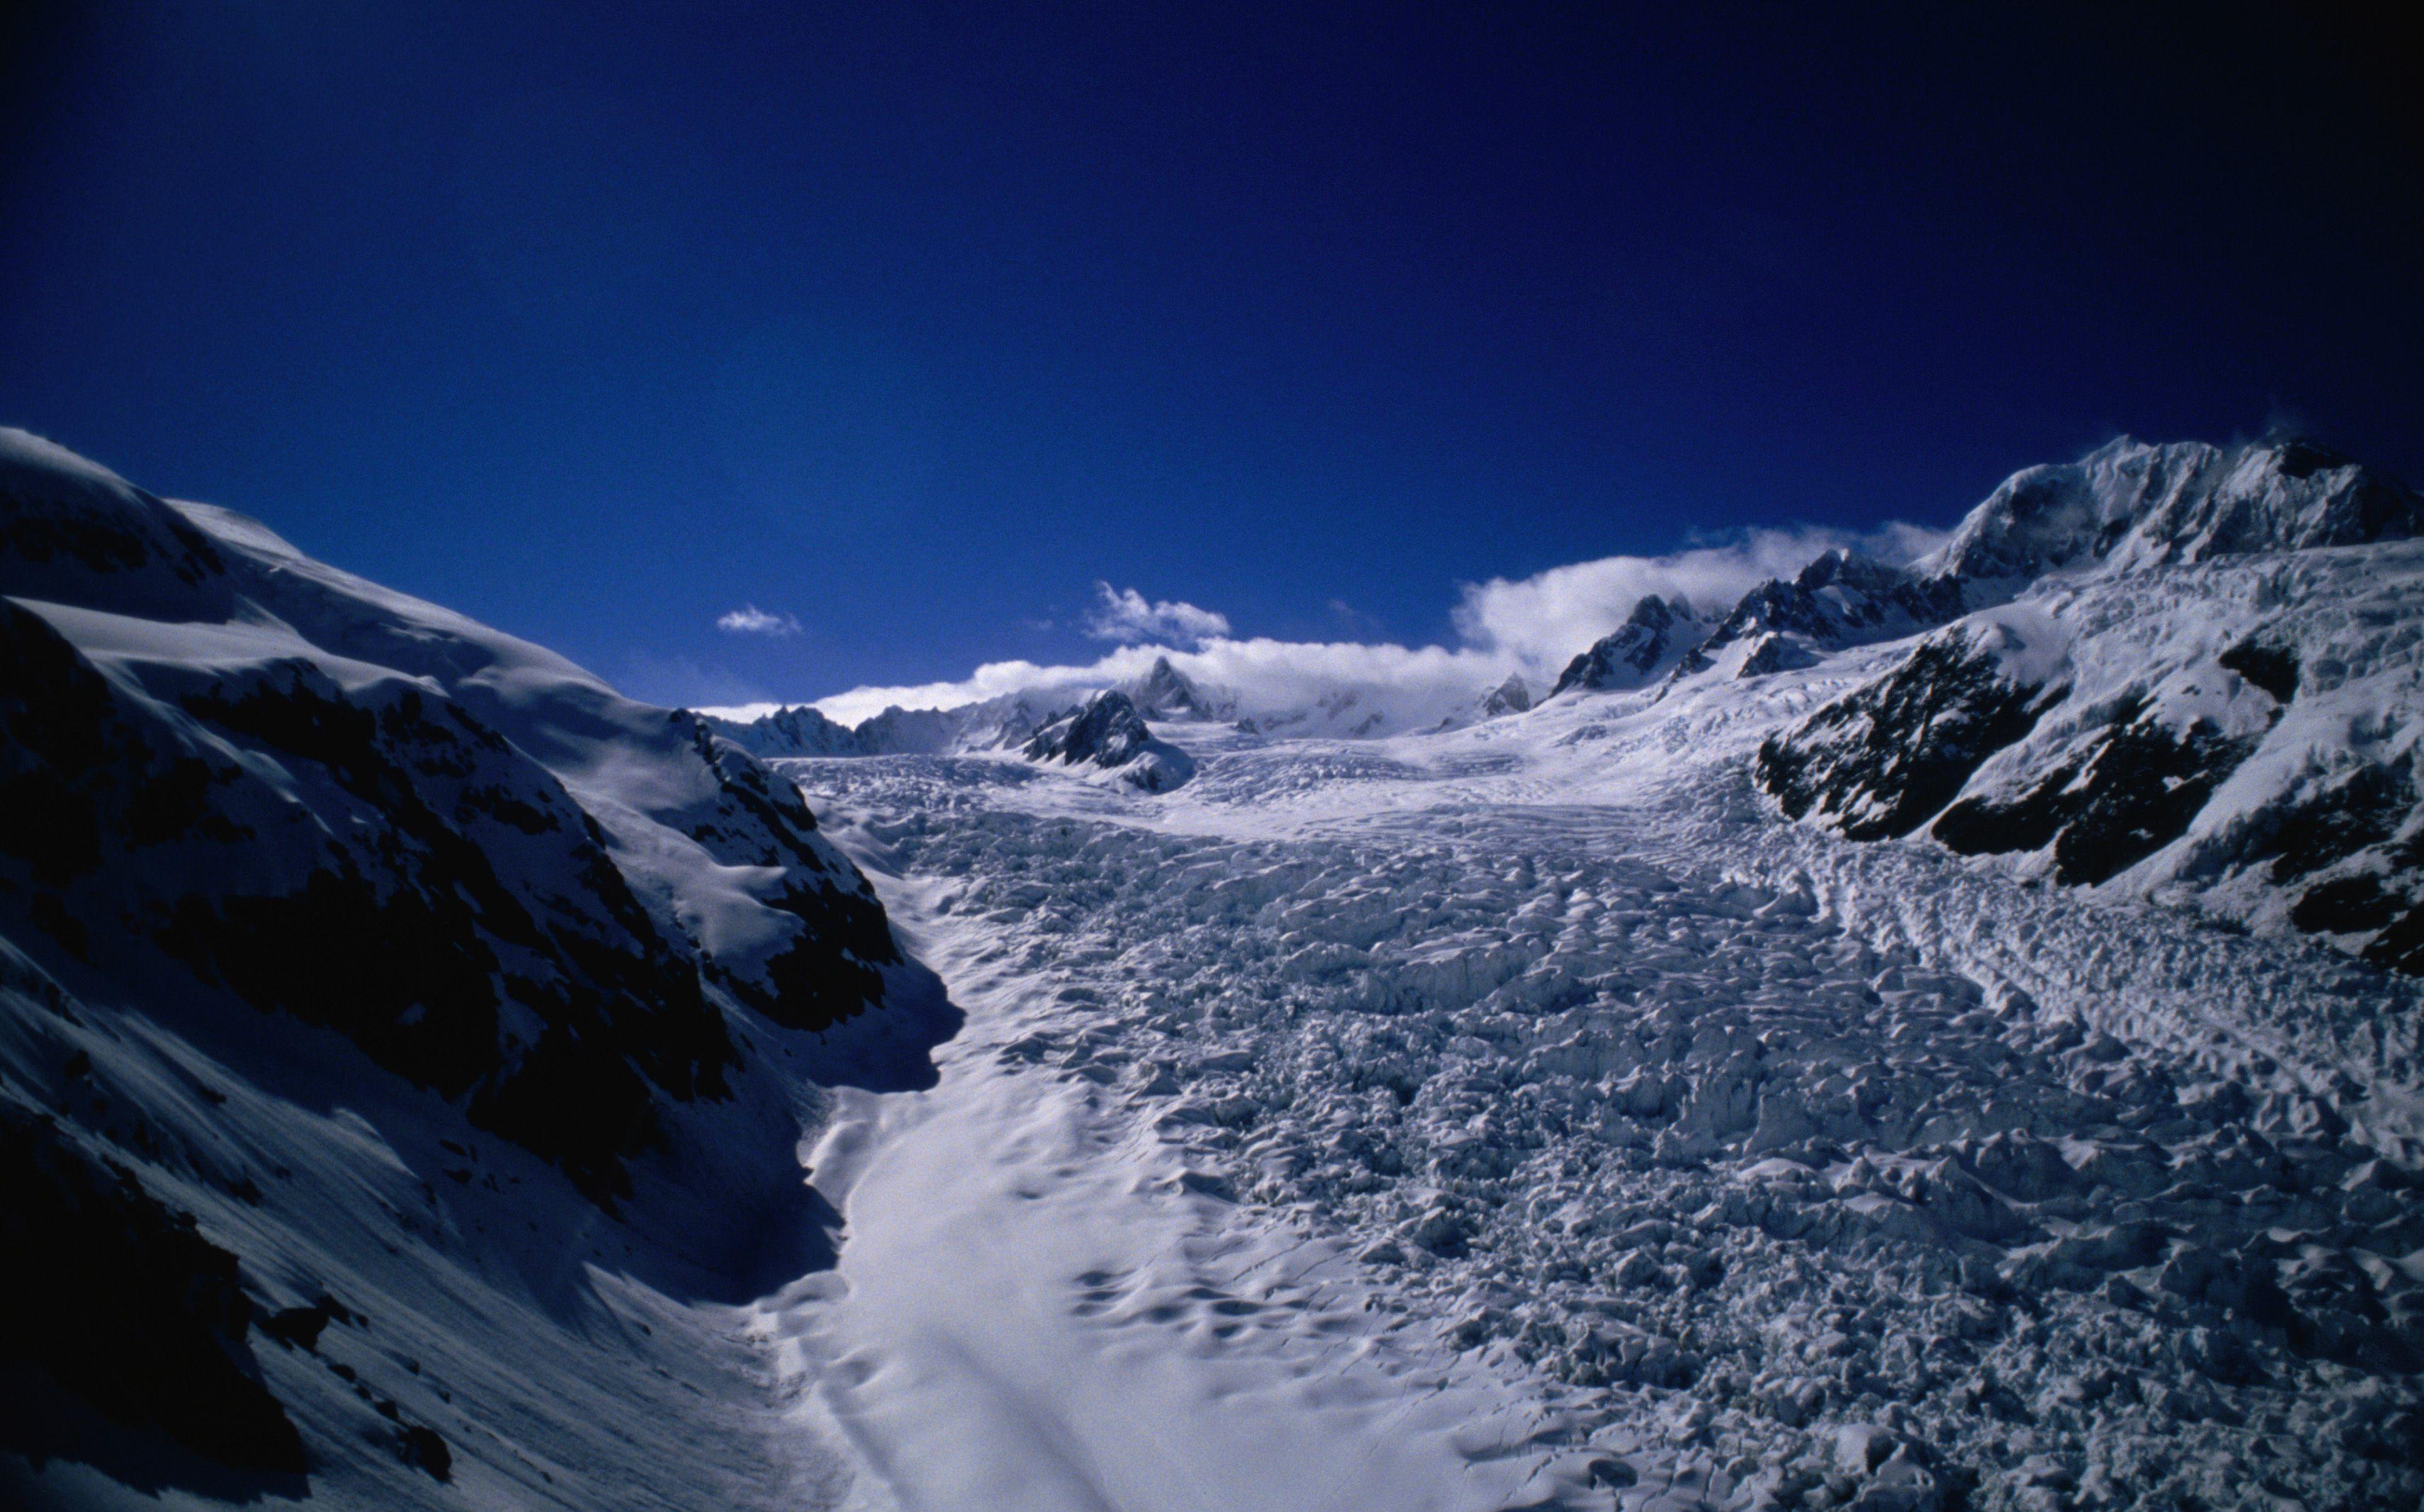 Westland National Park, Fox Glacier, South Island, West Coast, New Zealand, Australasia